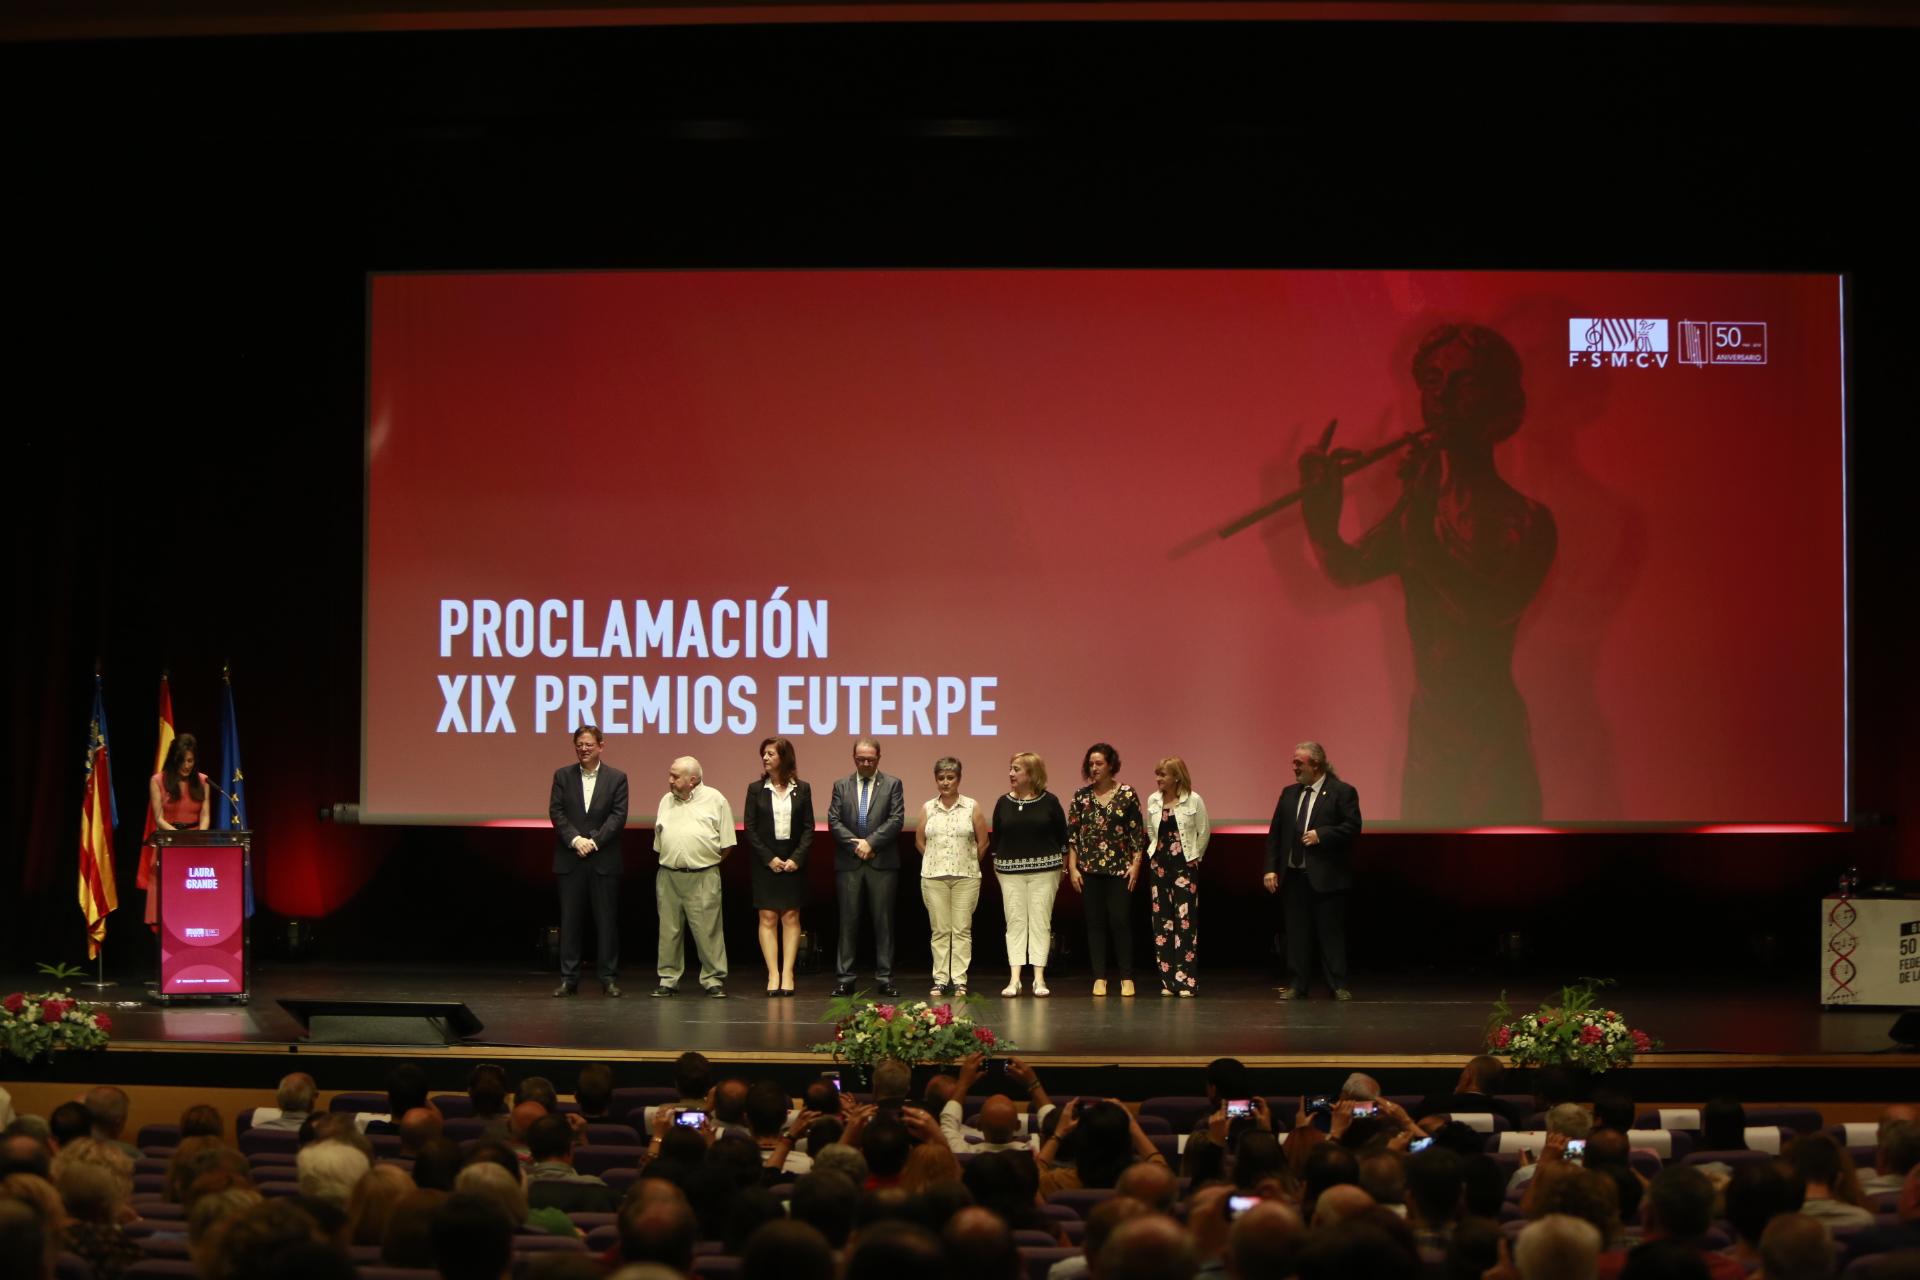 En este encuentro se han proclamado los Premios Euterpe 2018.